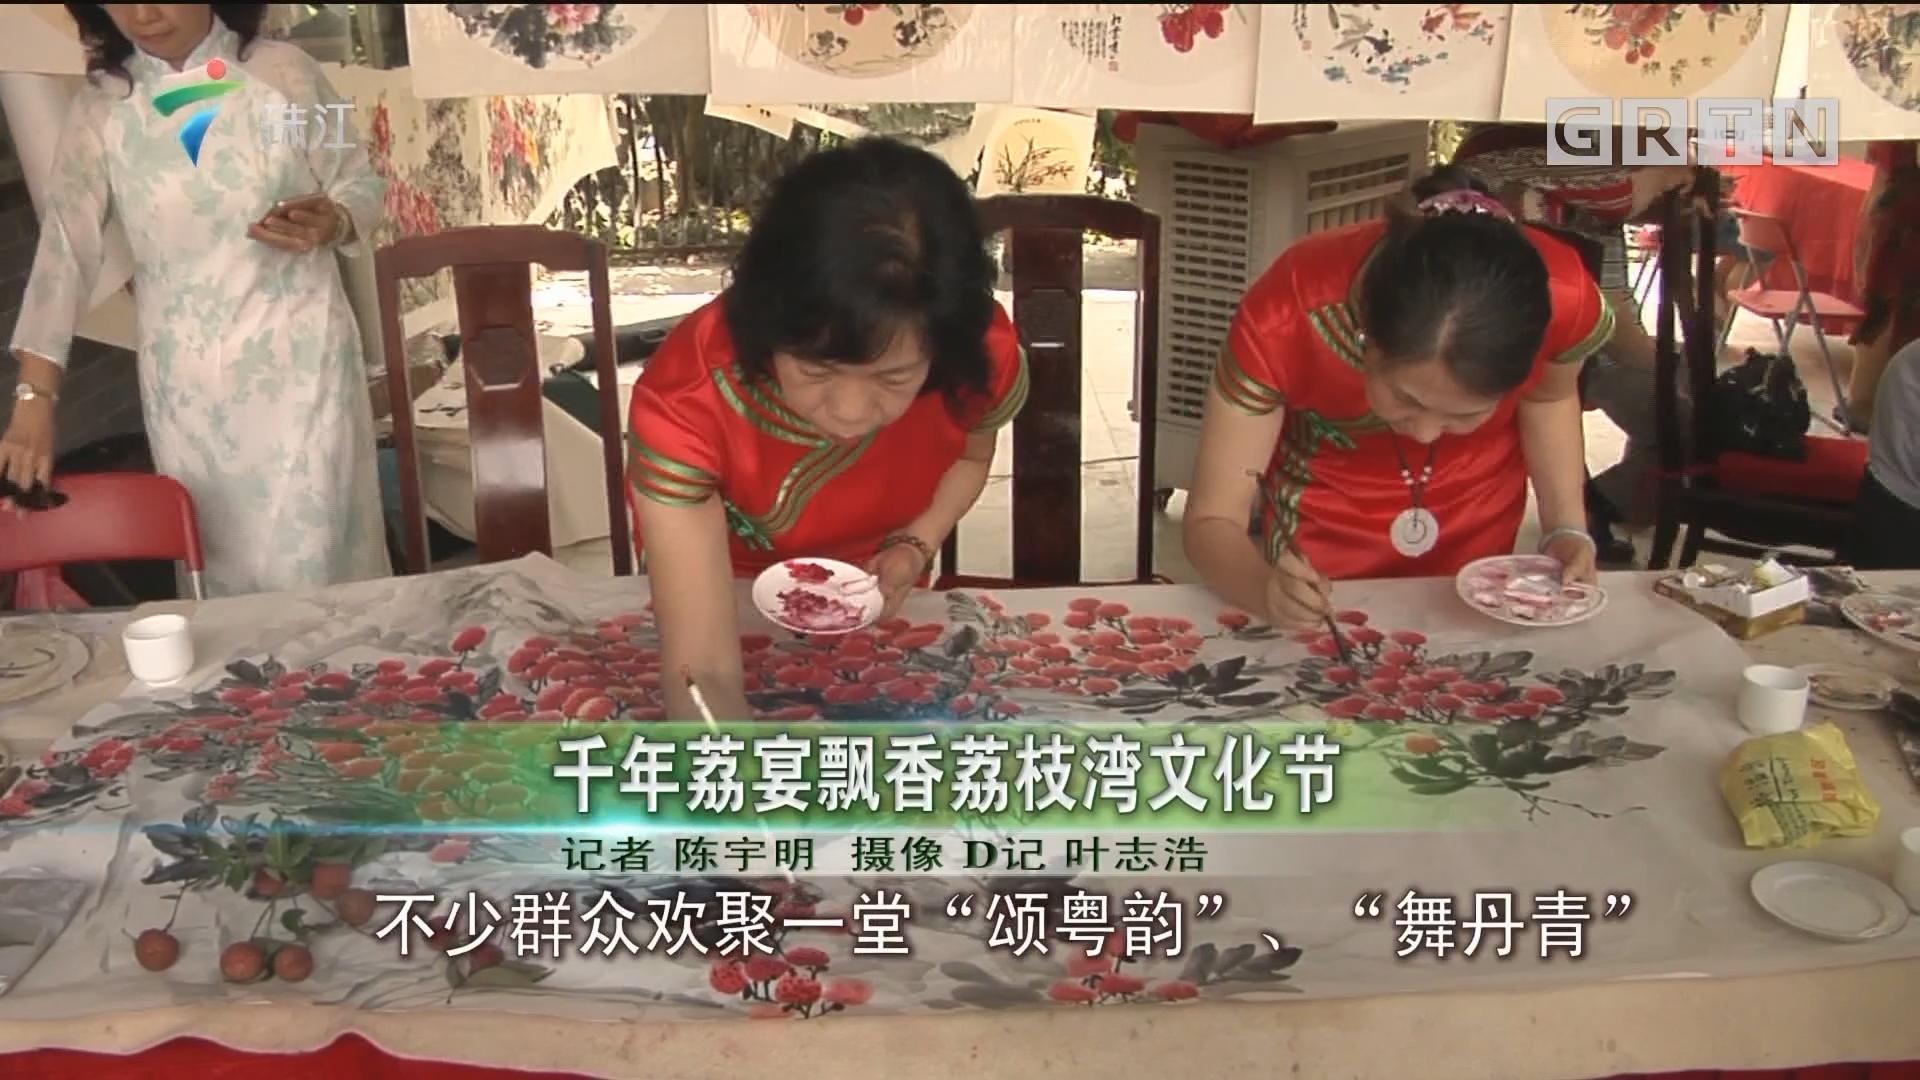 千年荔宴飘香荔枝湾文化节